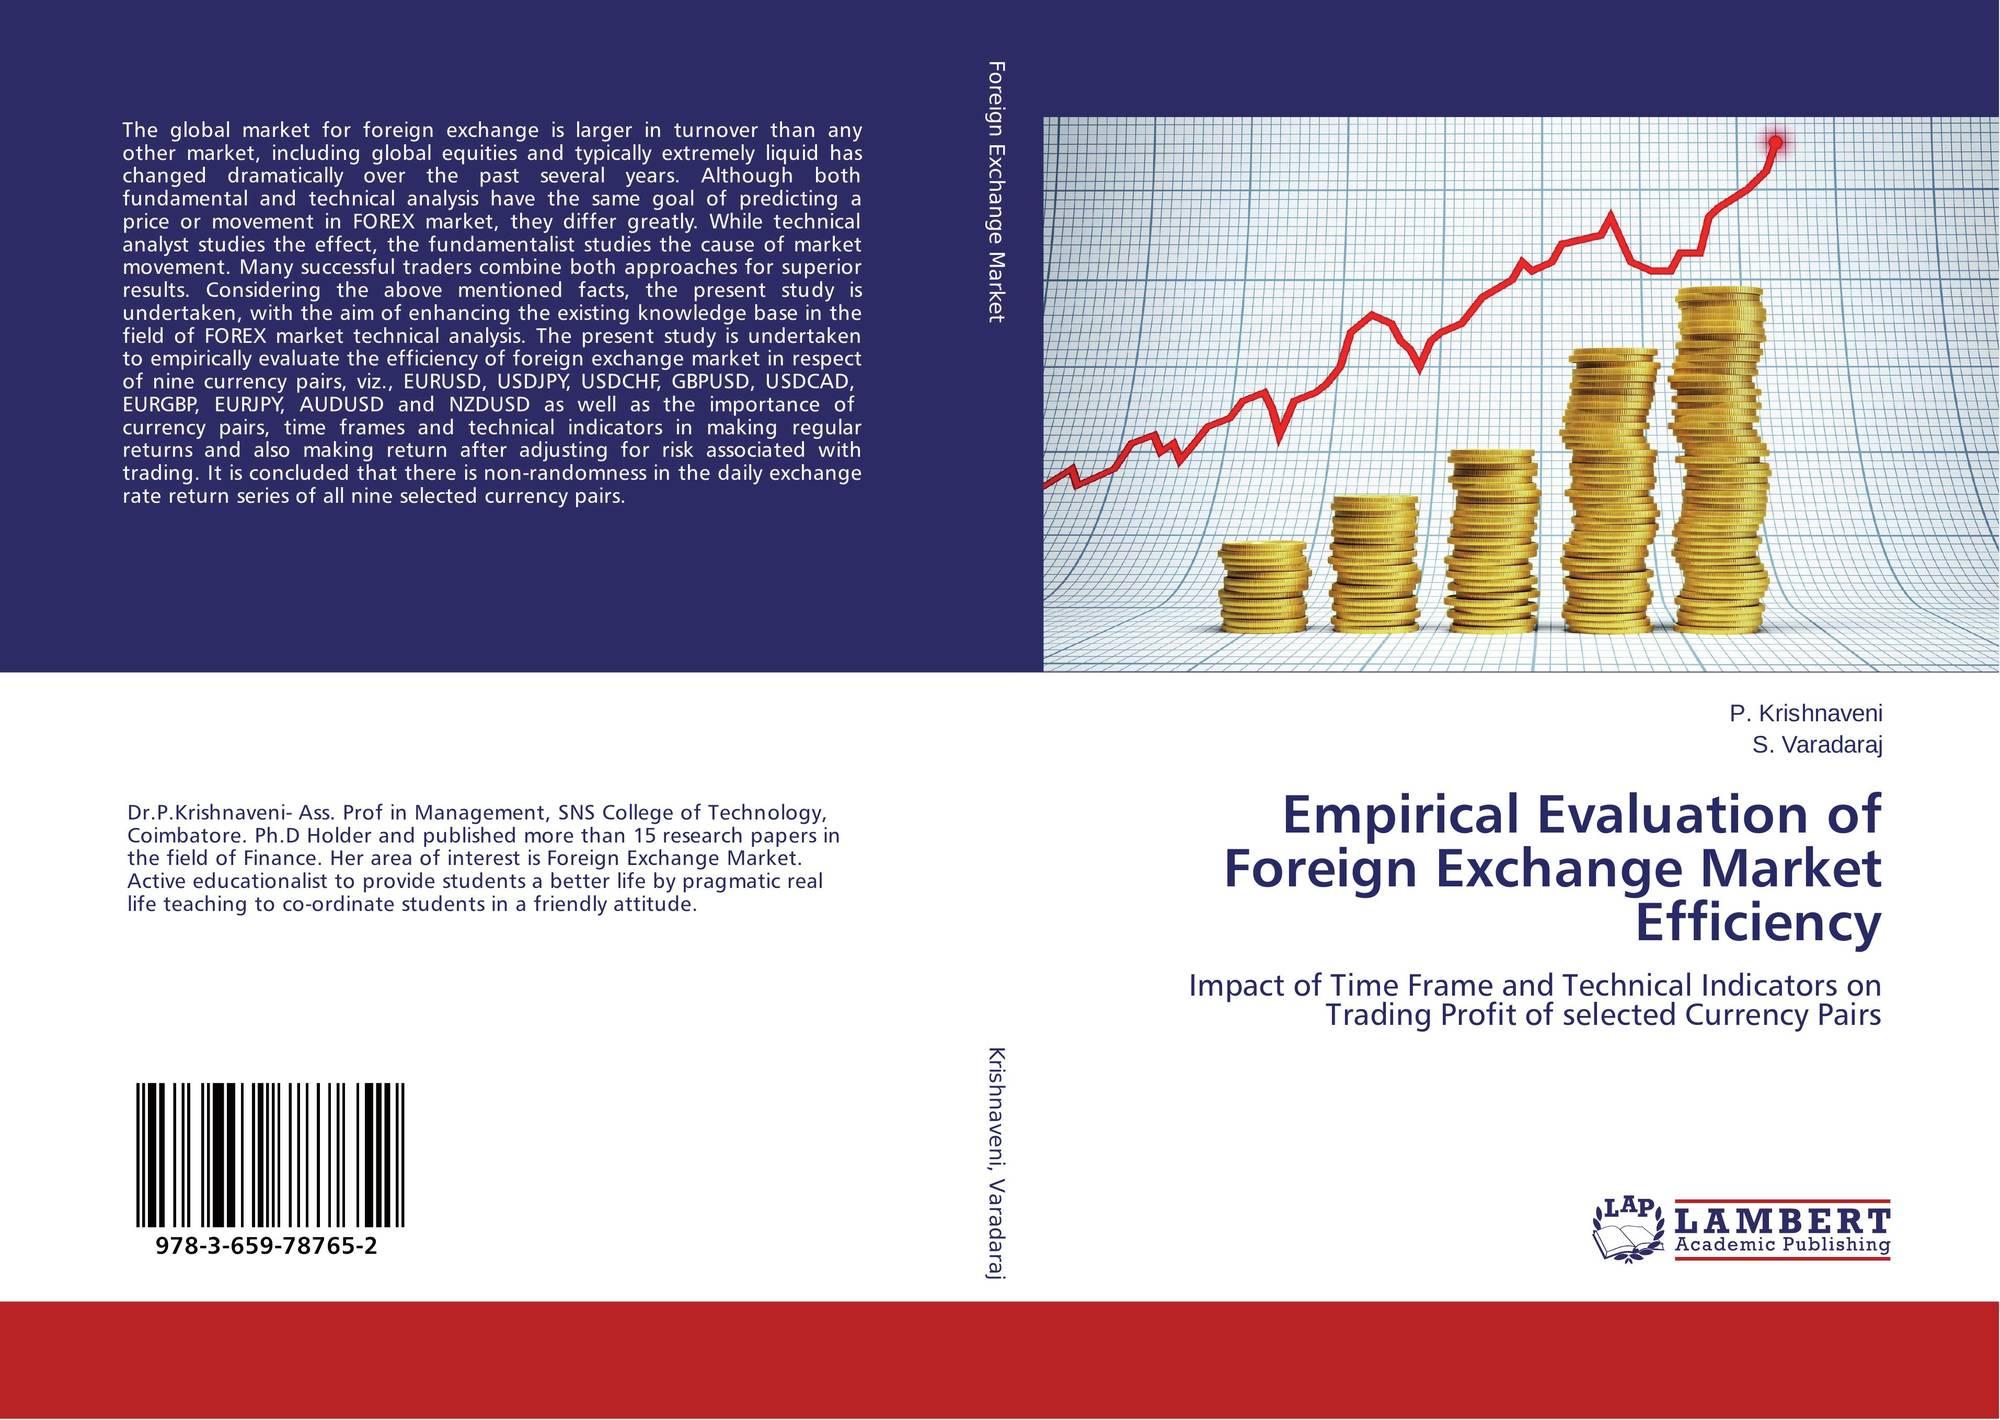 Forex efficient market